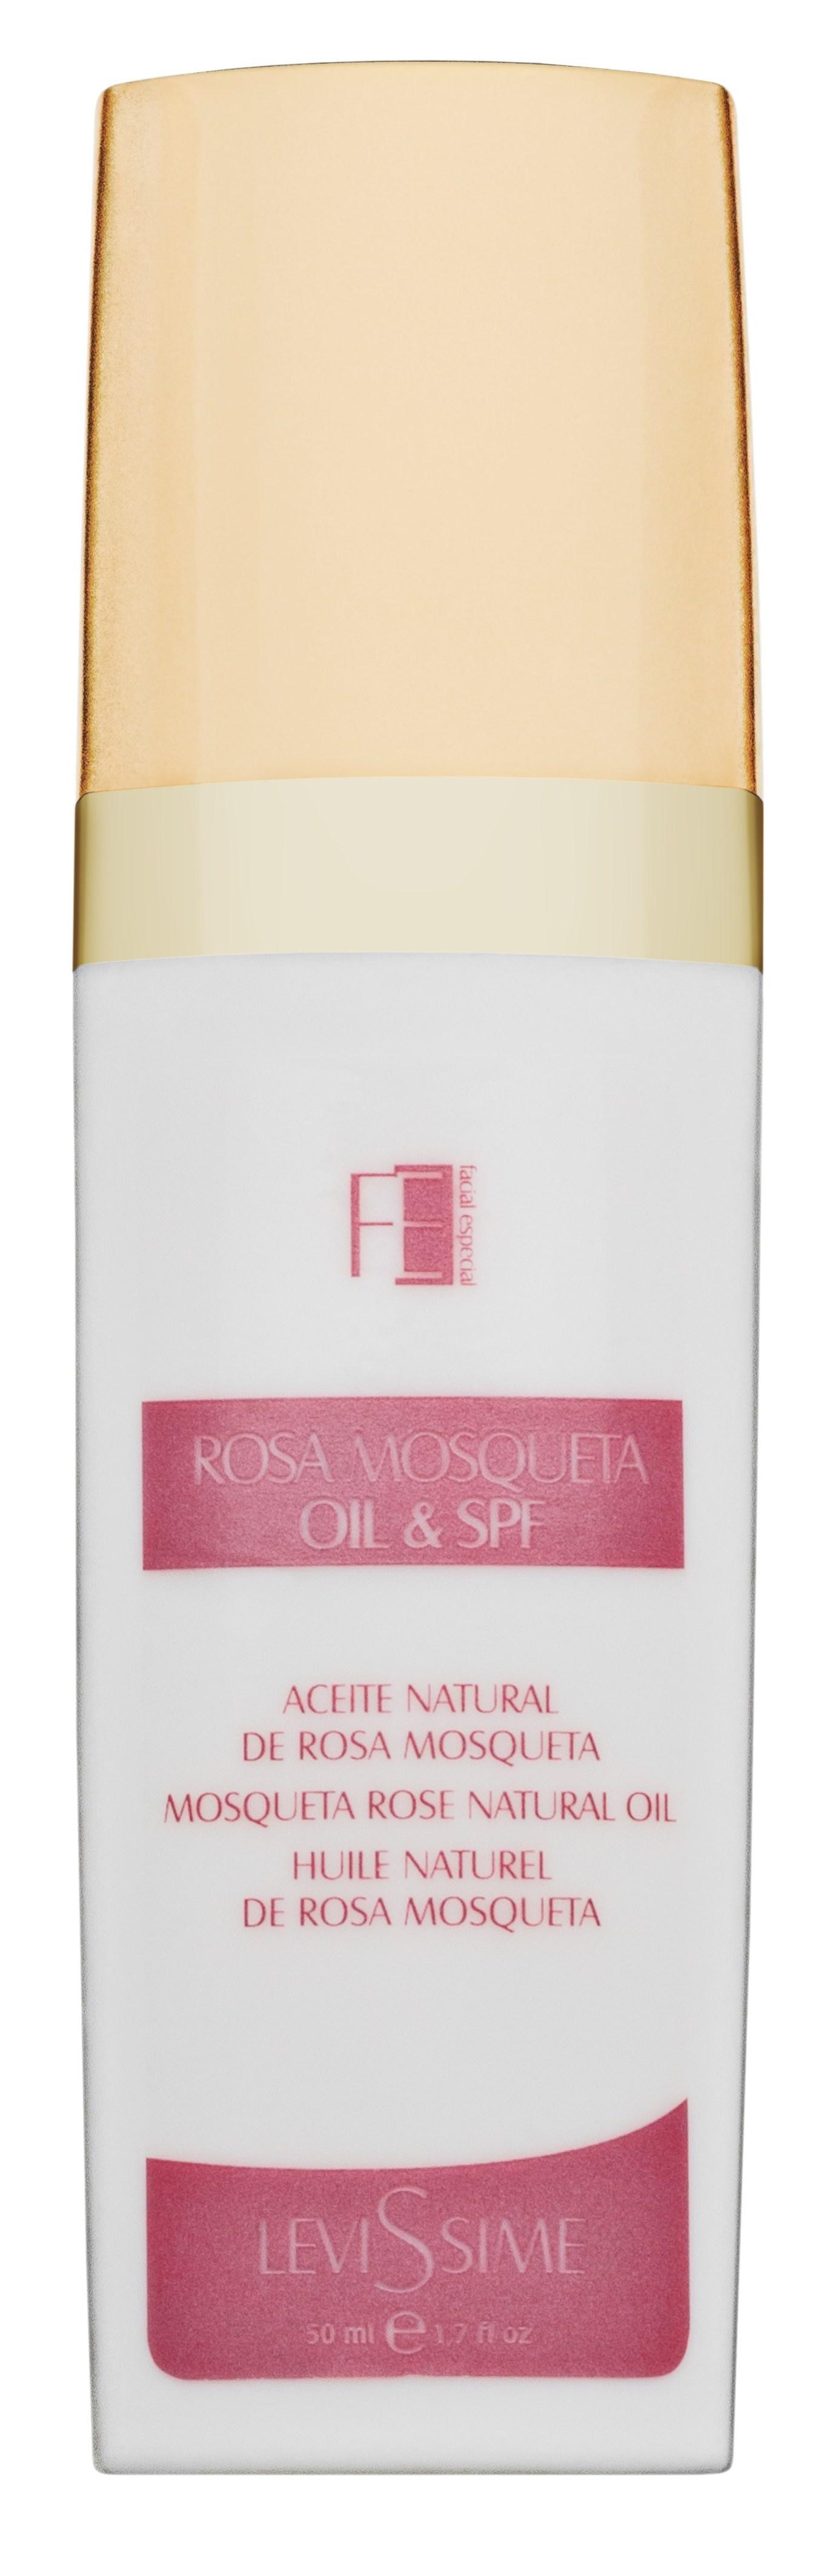 LEVISSIME Масло чилийской розы / Rosa Mosqueta Oil 50 мл